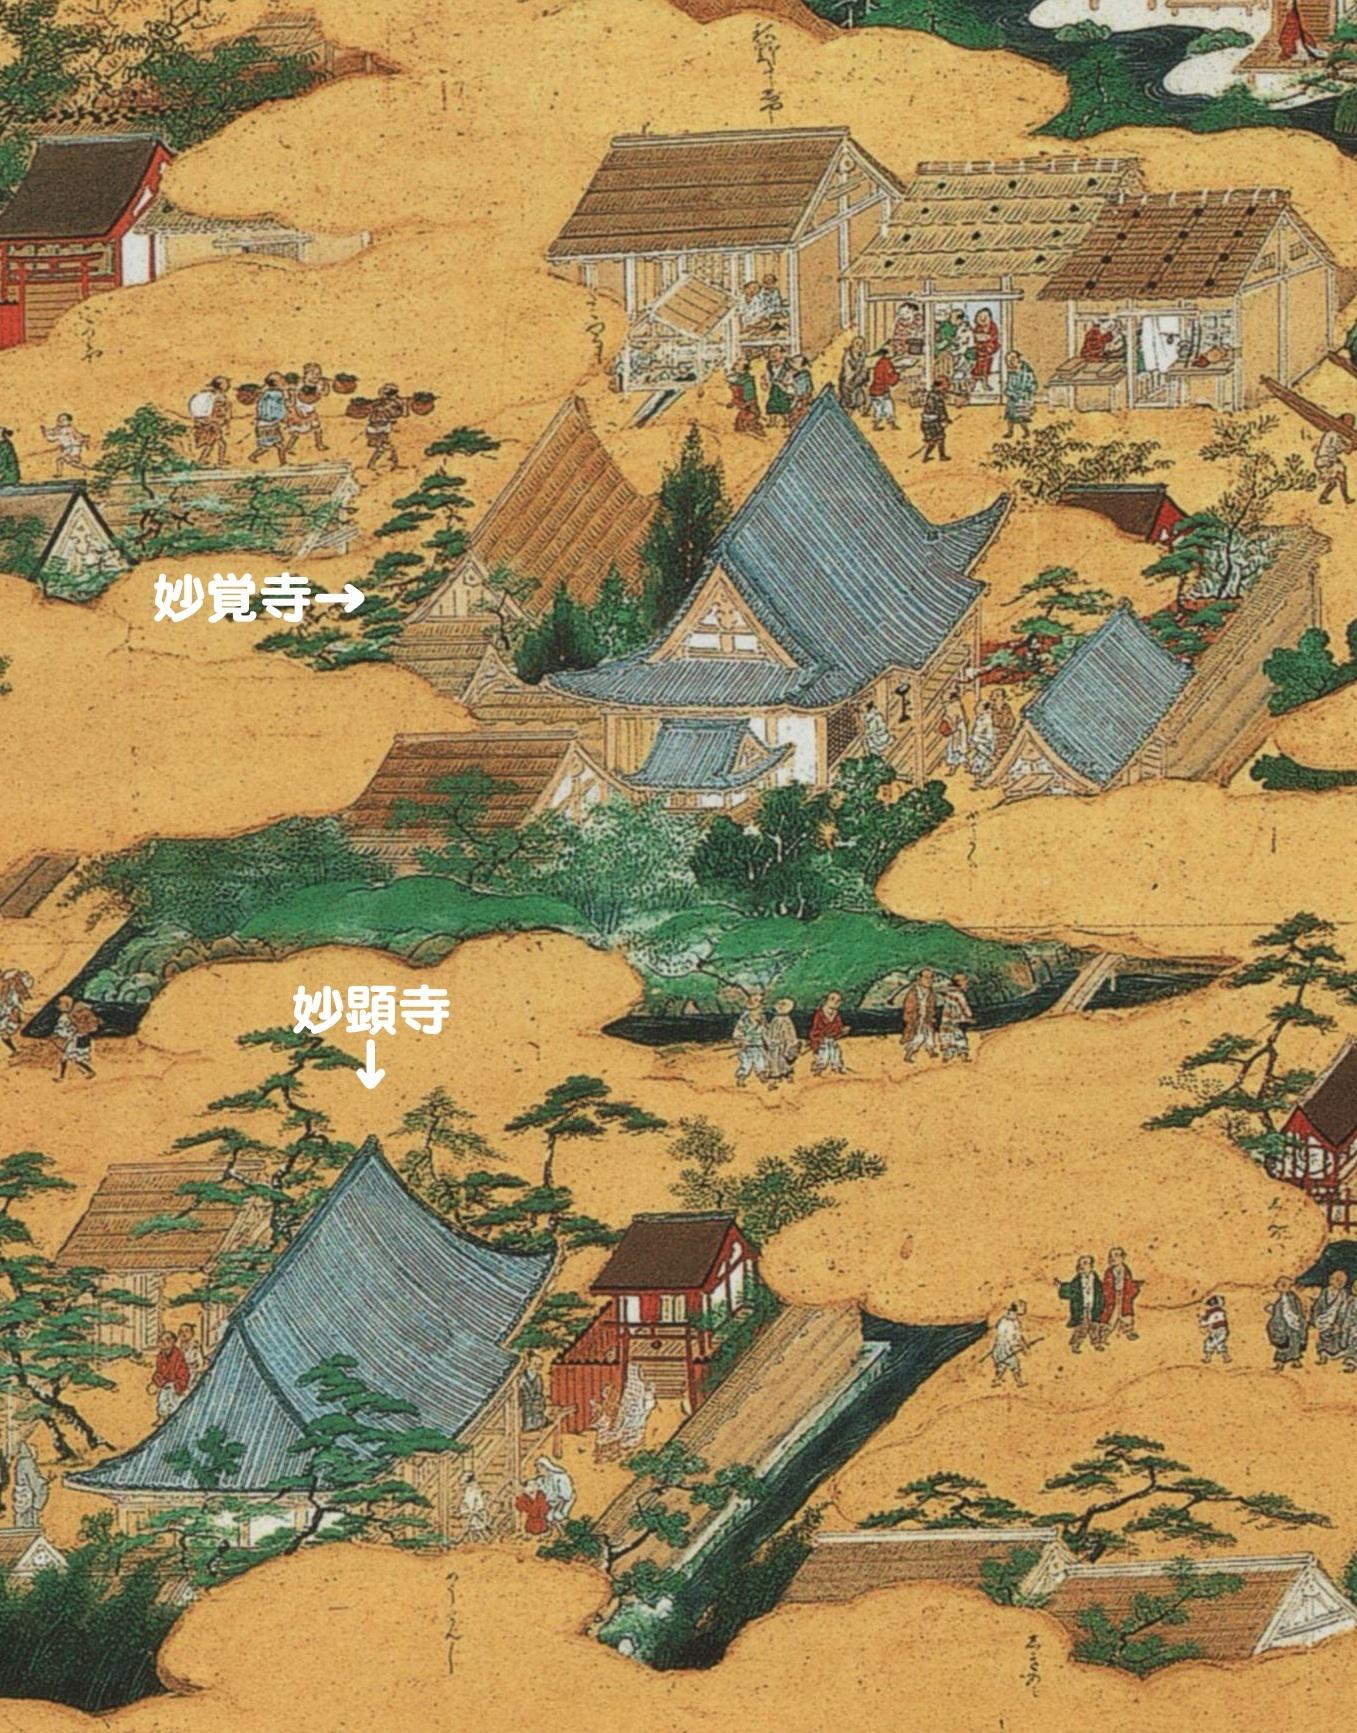 4妙覚寺と扇屋